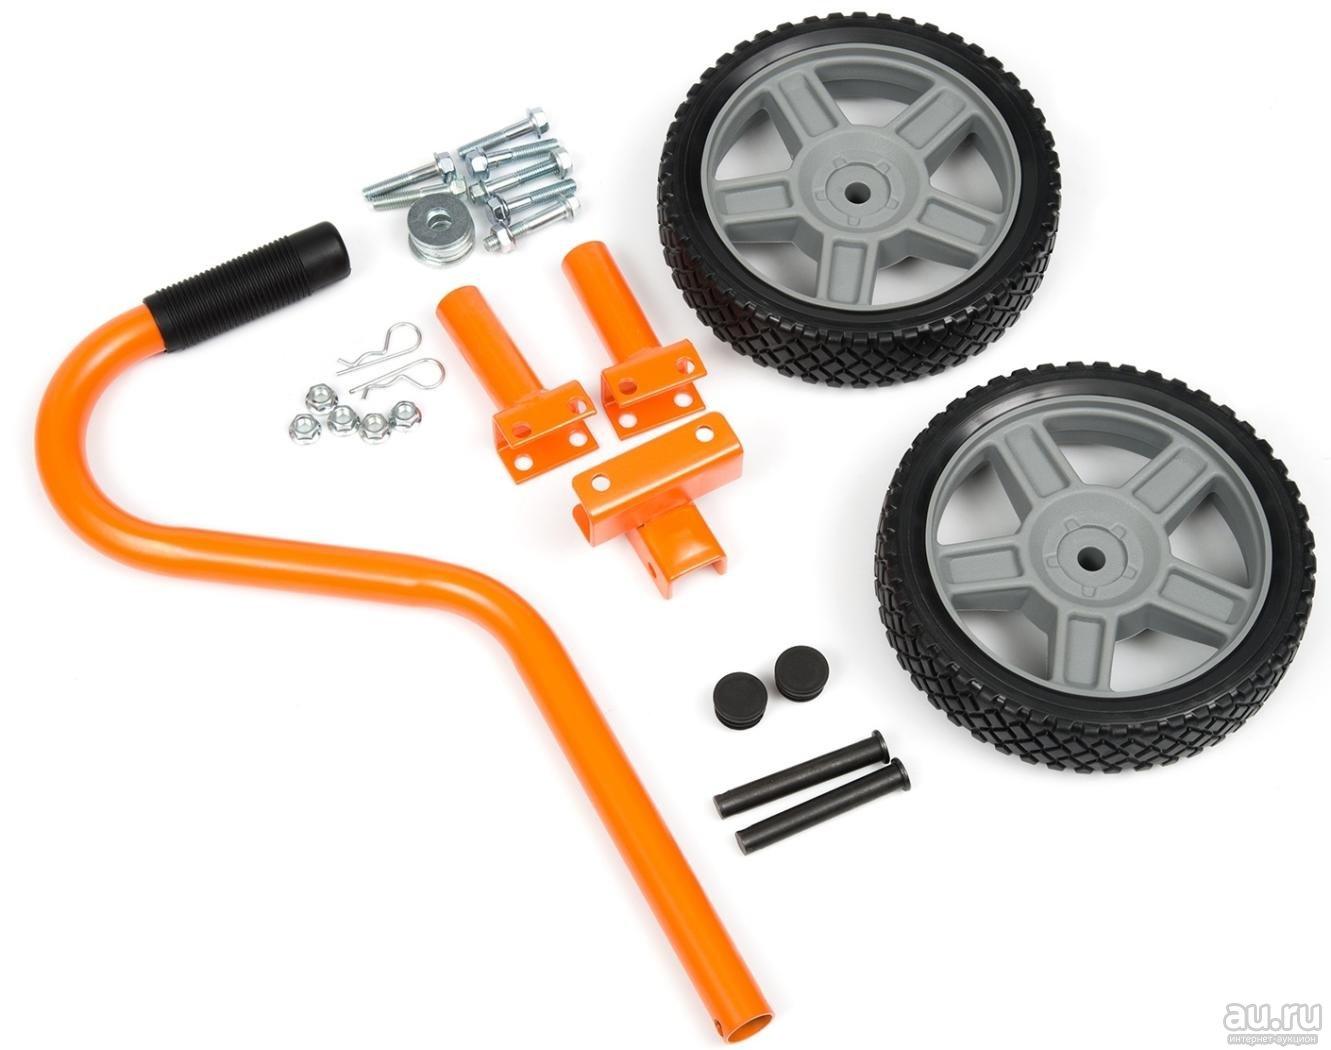 Комплект колес для генераторов ECT 7000 в Ардоне